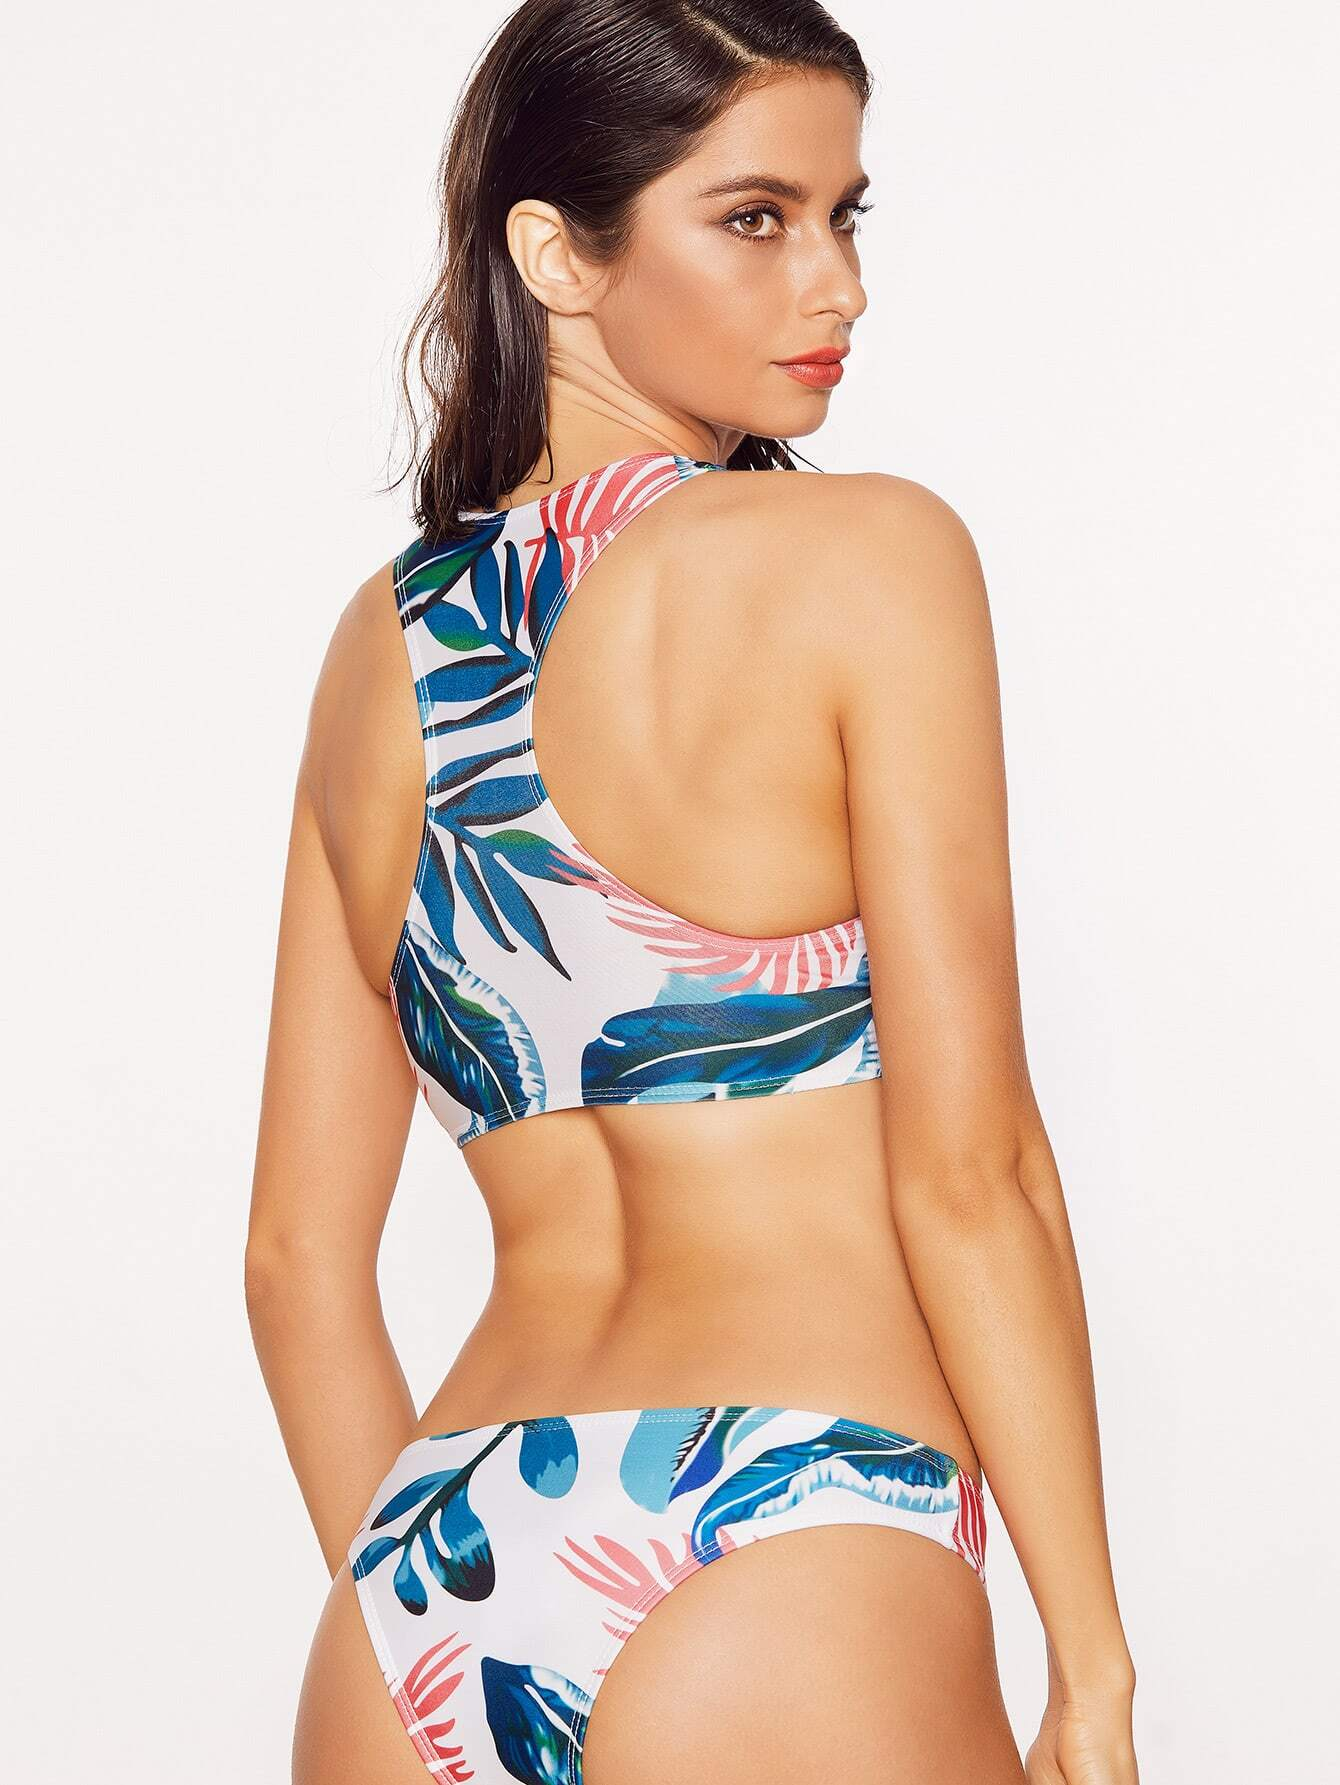 swimwear170208304_1